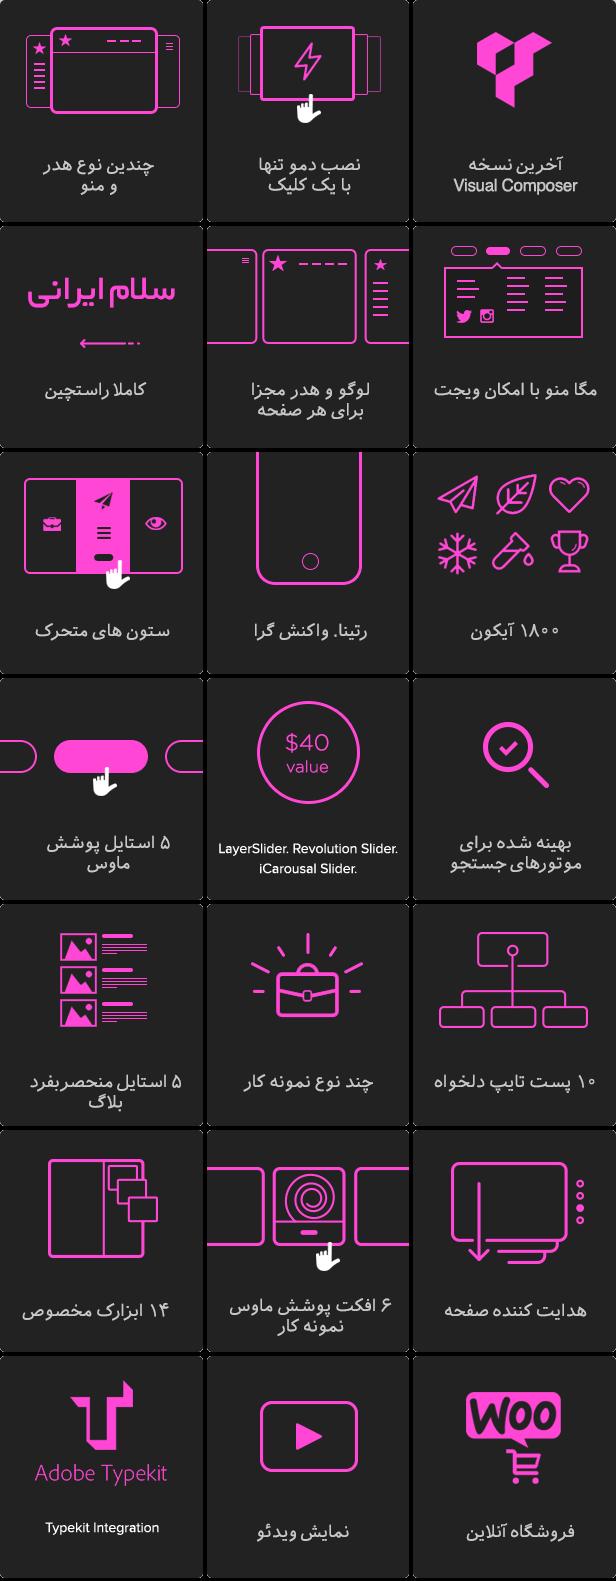 ویژگی های کلیدی قالب jupiter